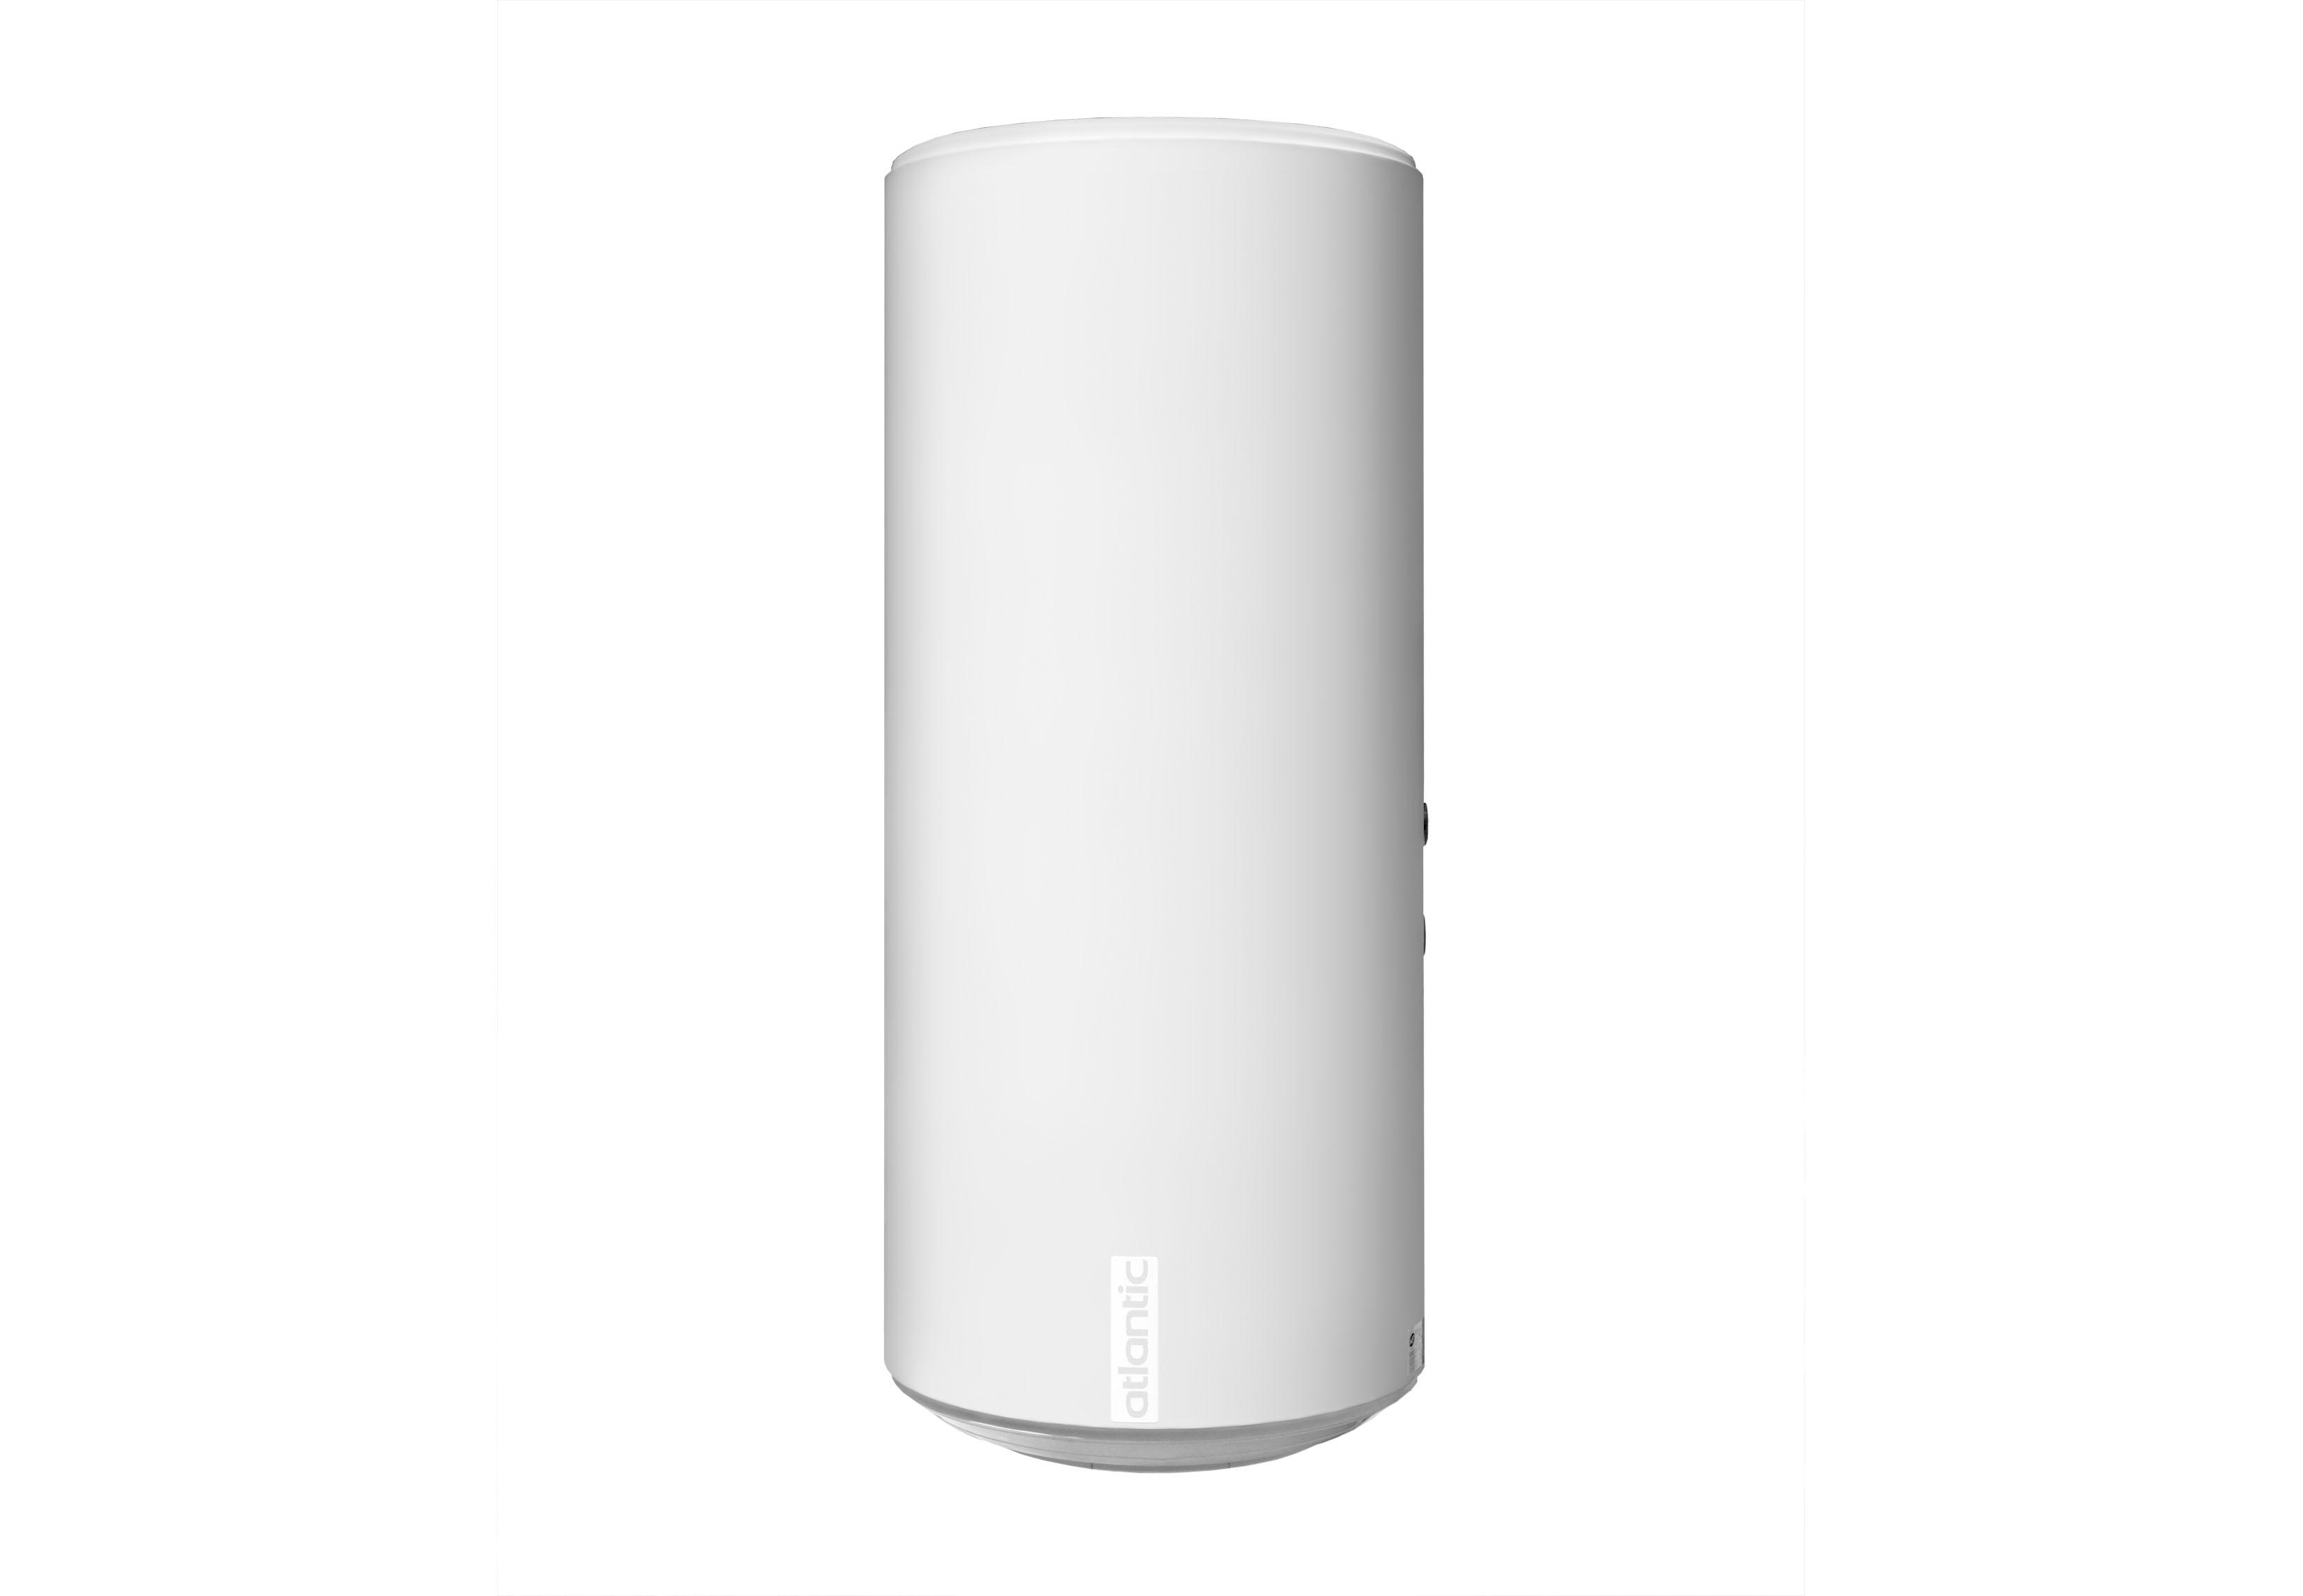 Водонагреватель Atlantic Ds vm 150 (874038) электрический водонагреватель atlantic steatite cube 150 s4cm 871193